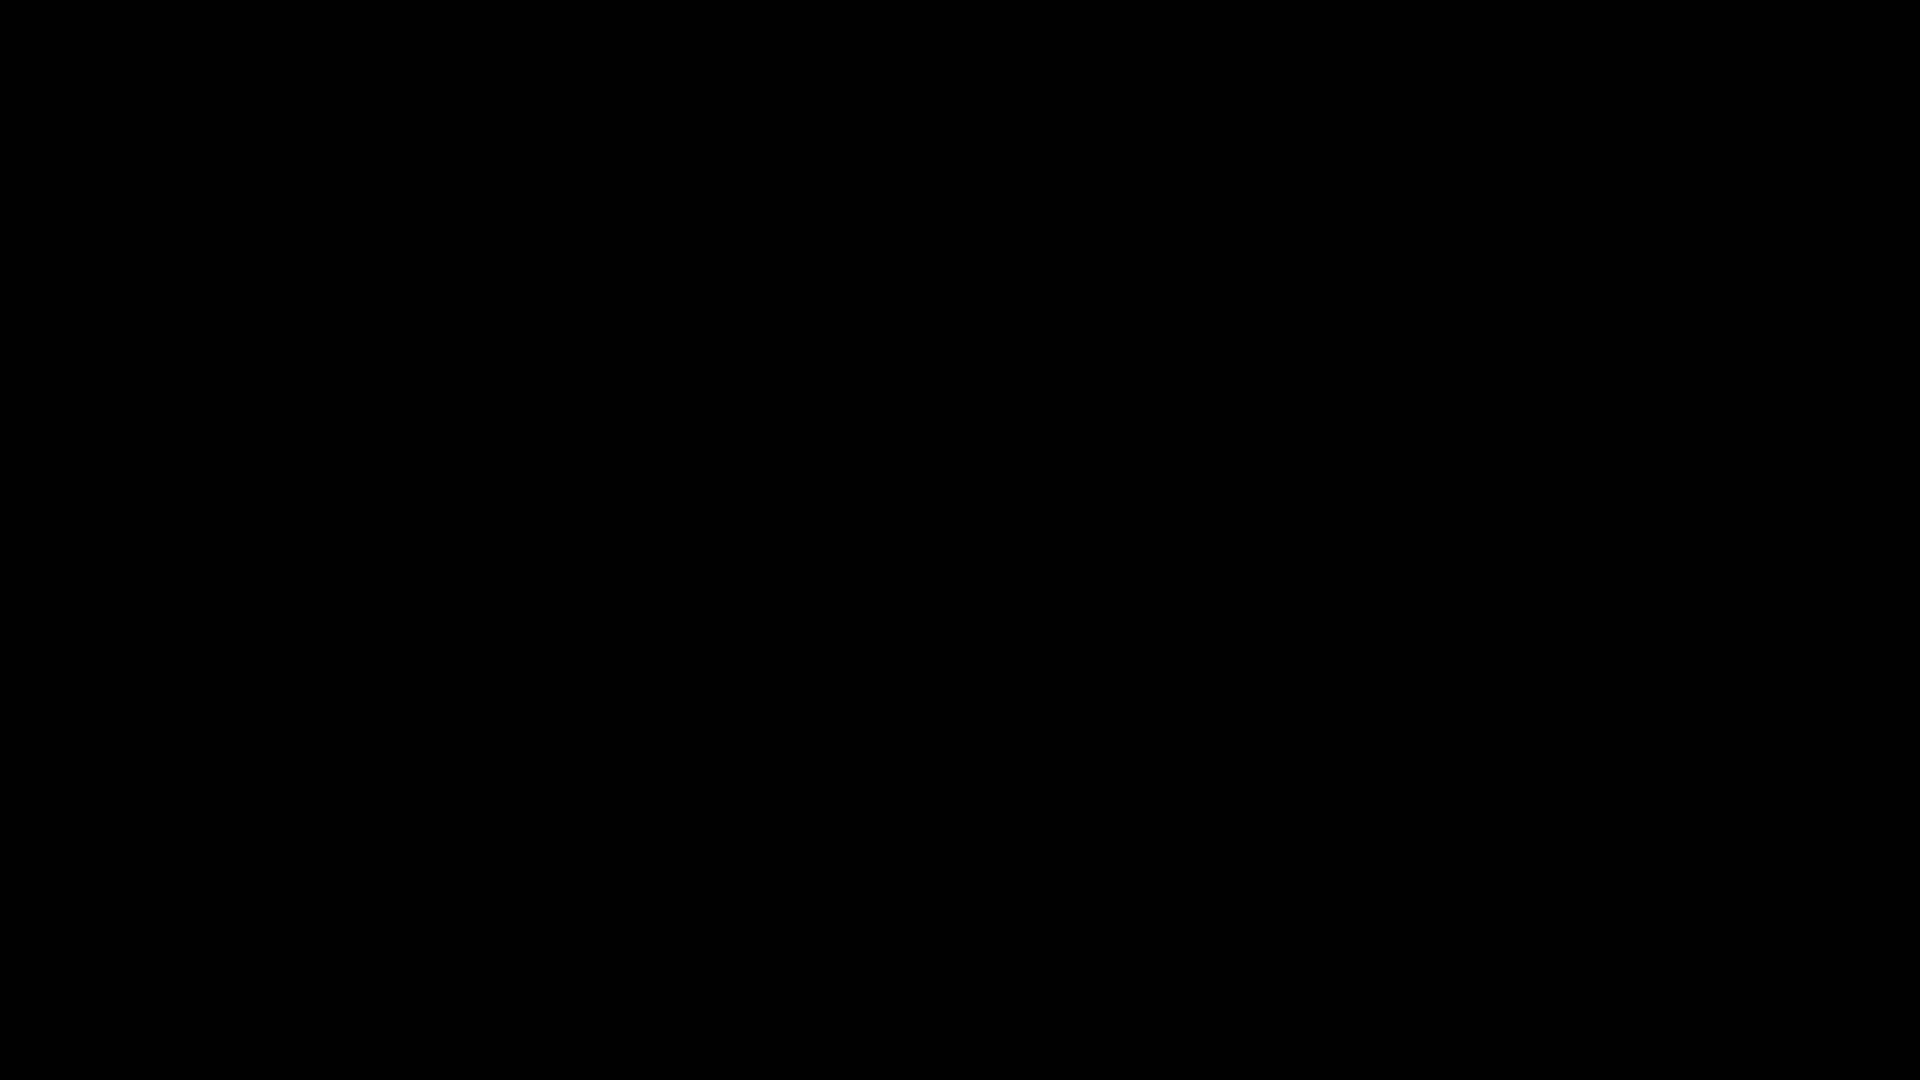 高画質露天女風呂観察 vol.032 高画質 | 乙女  54画像 8